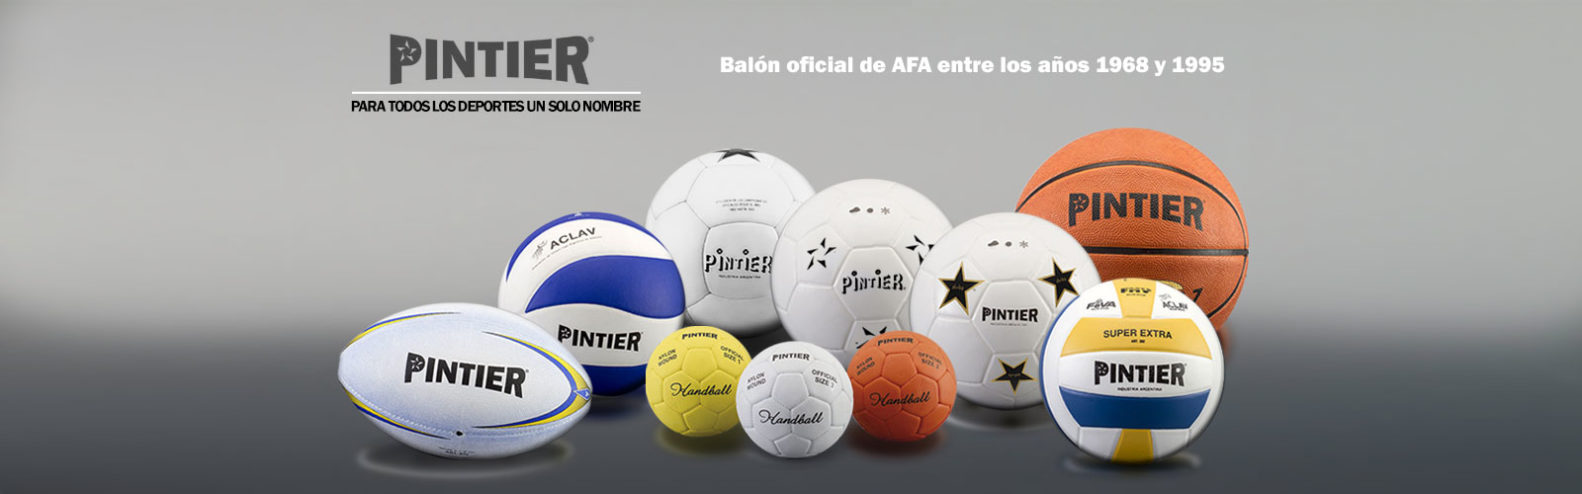 Pintier – Para todos los deportes 77c1fb7115184